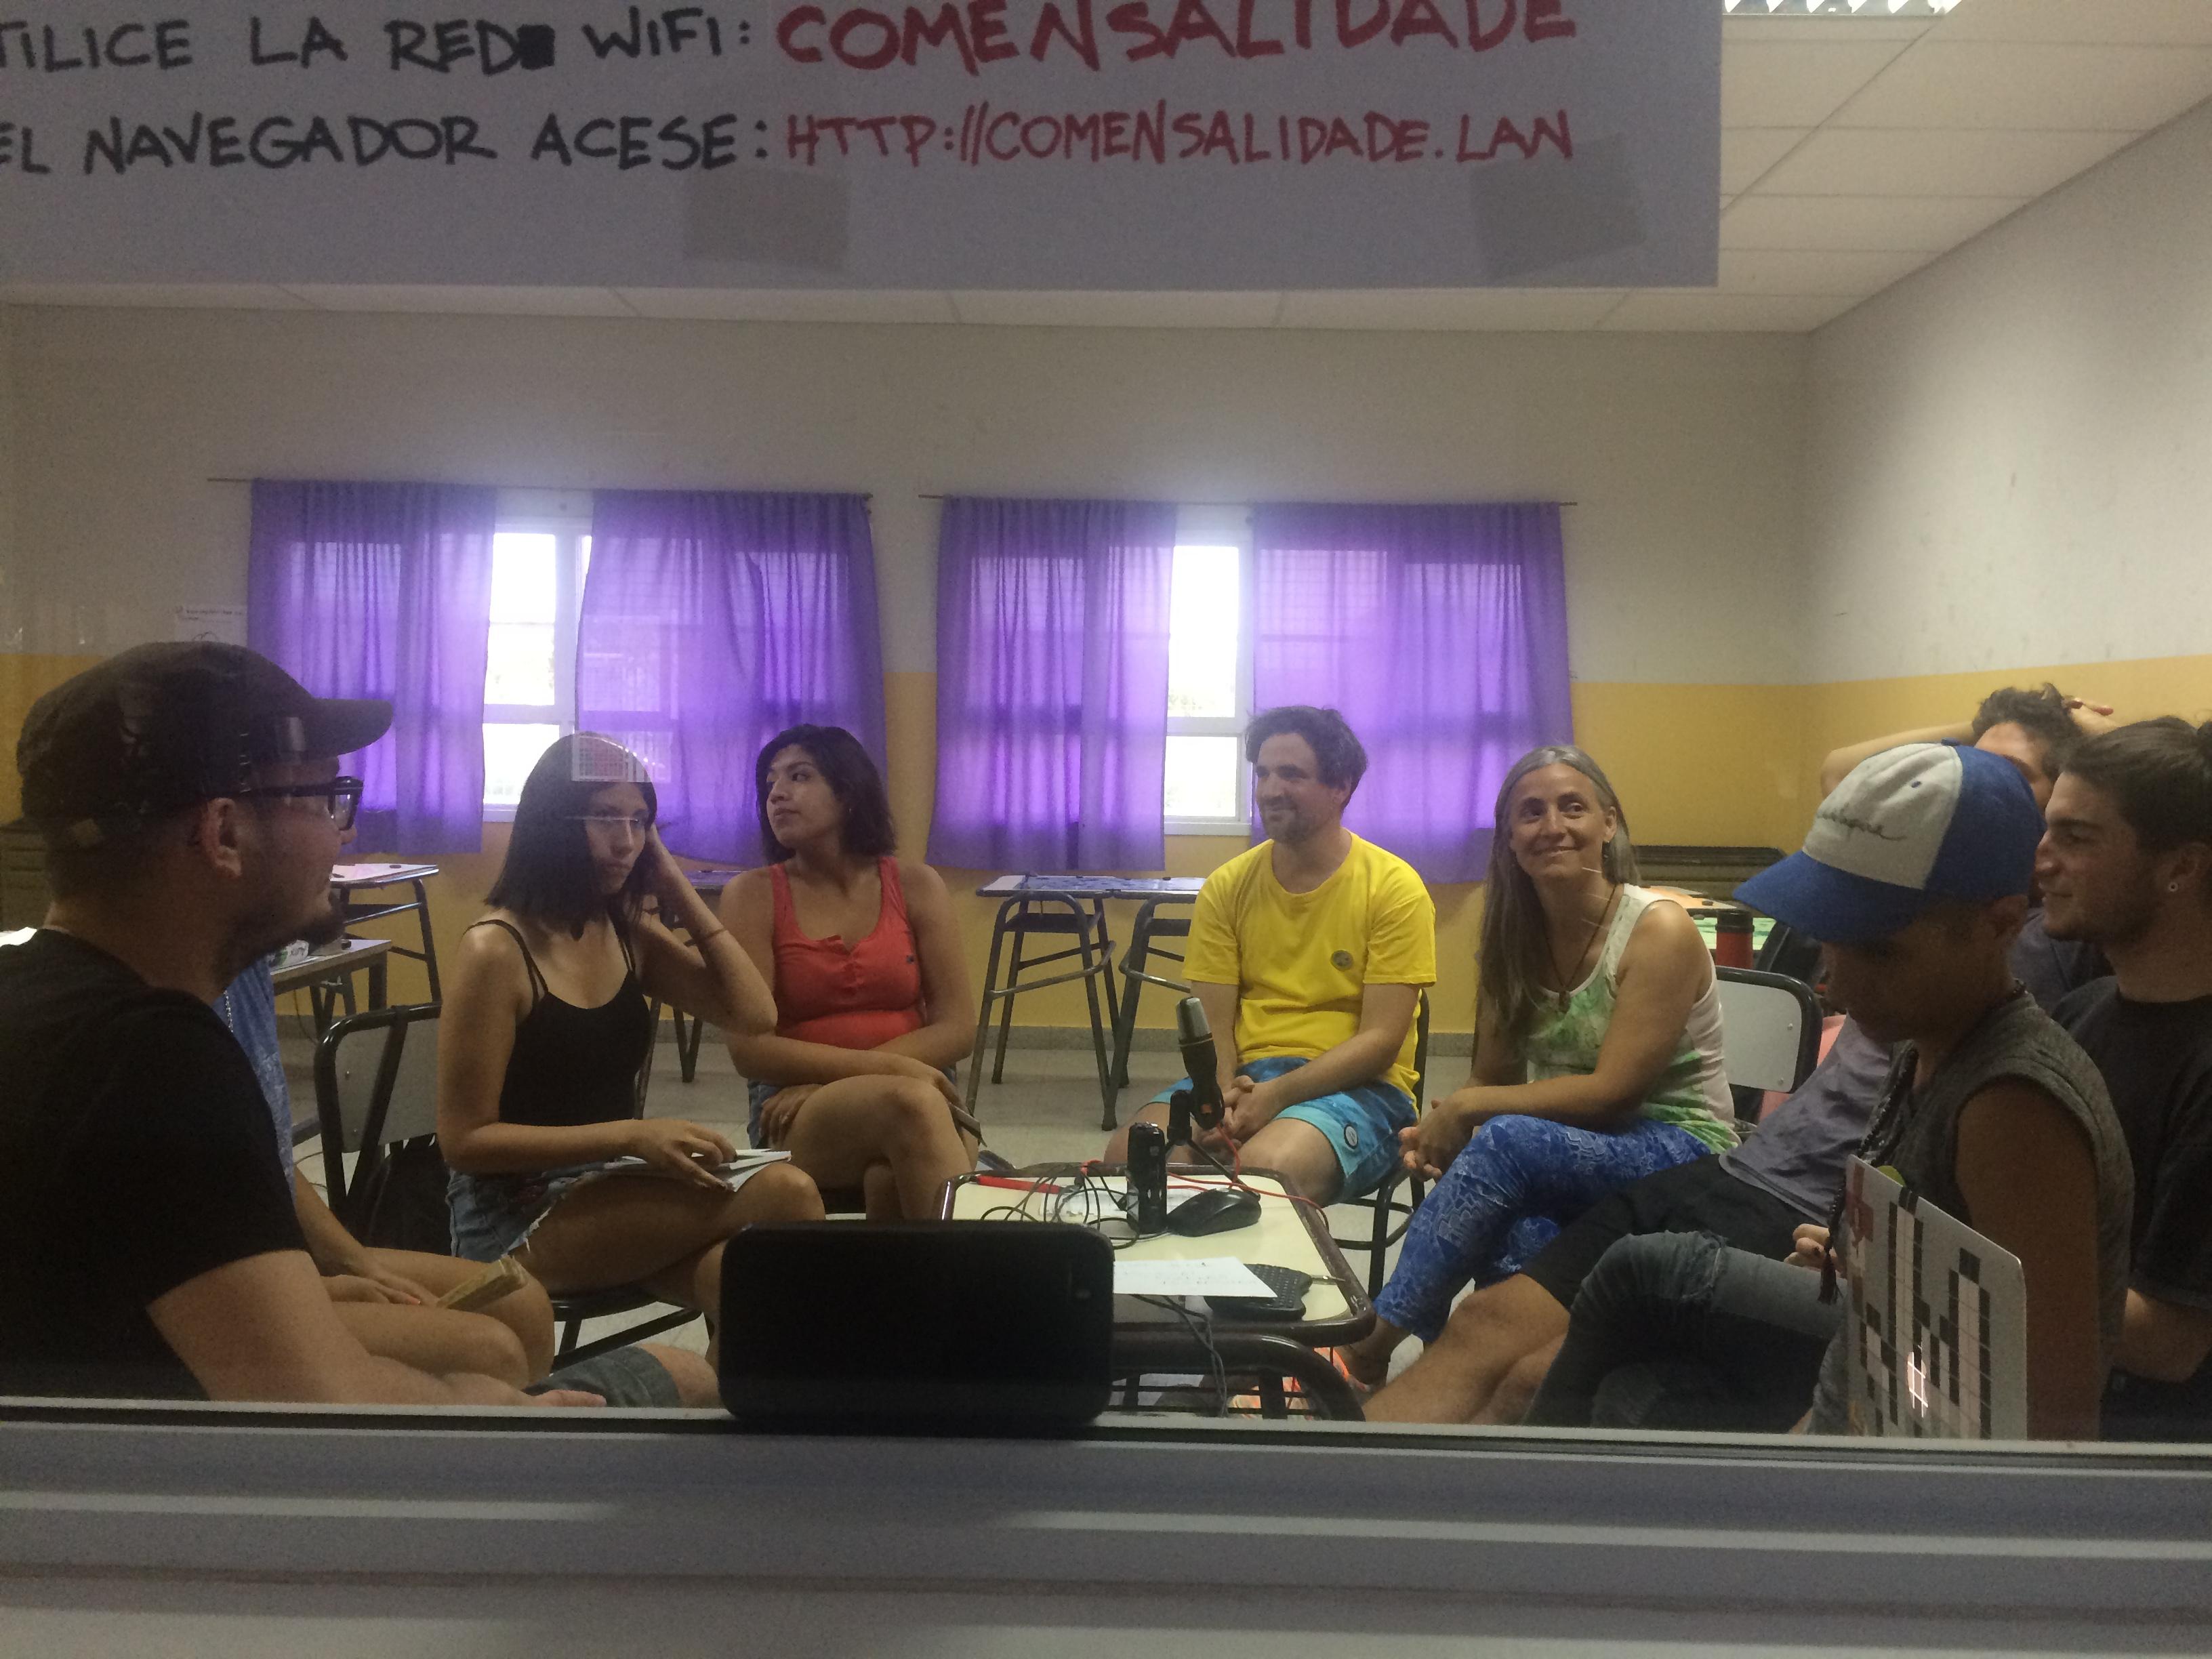 radio livre #01 - barda del desierto - foto 03